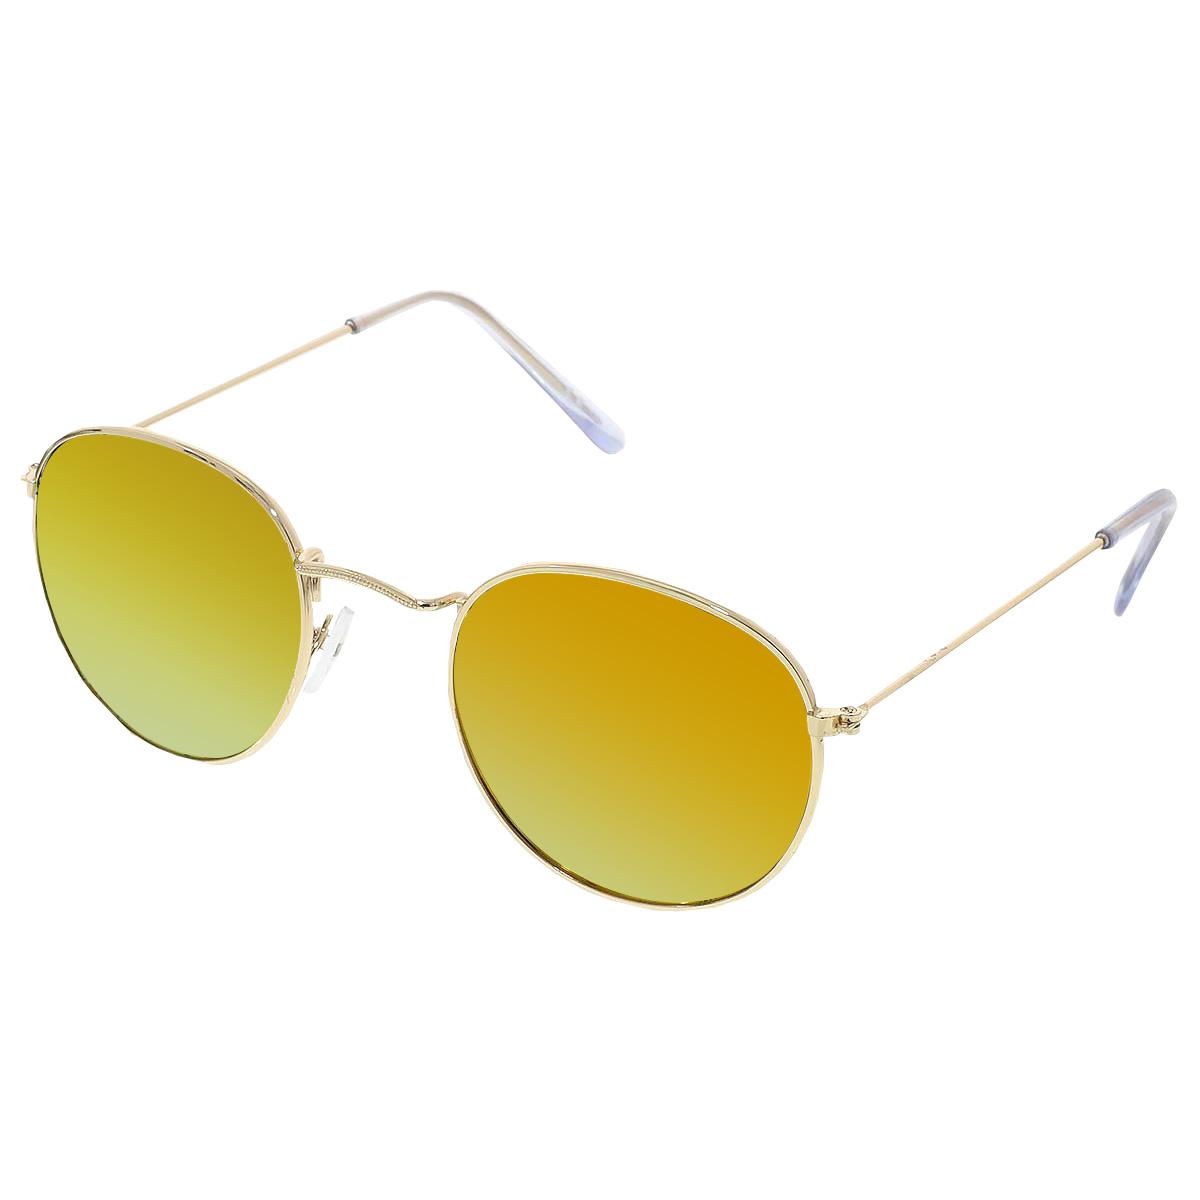 Sluneční brýle Oculos zlaté obroučky červená skla.